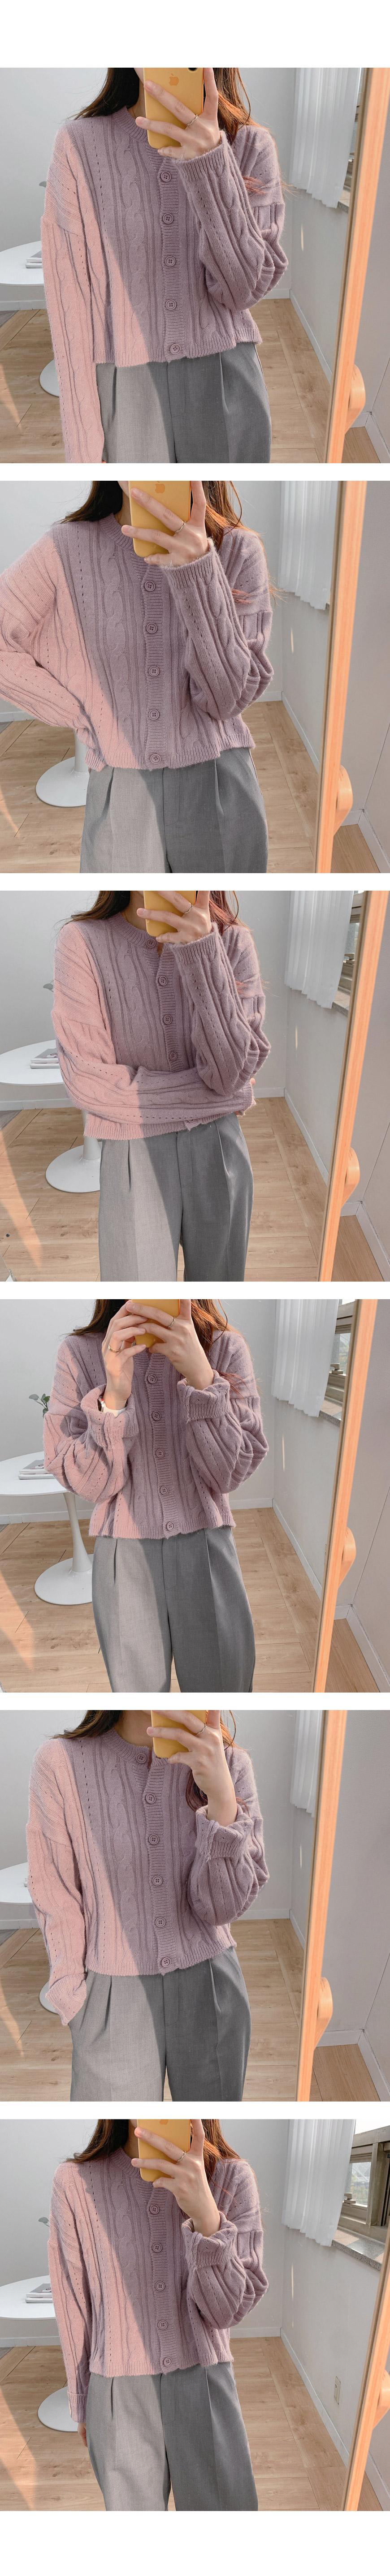 Pretzel crop knit cardigan-3color